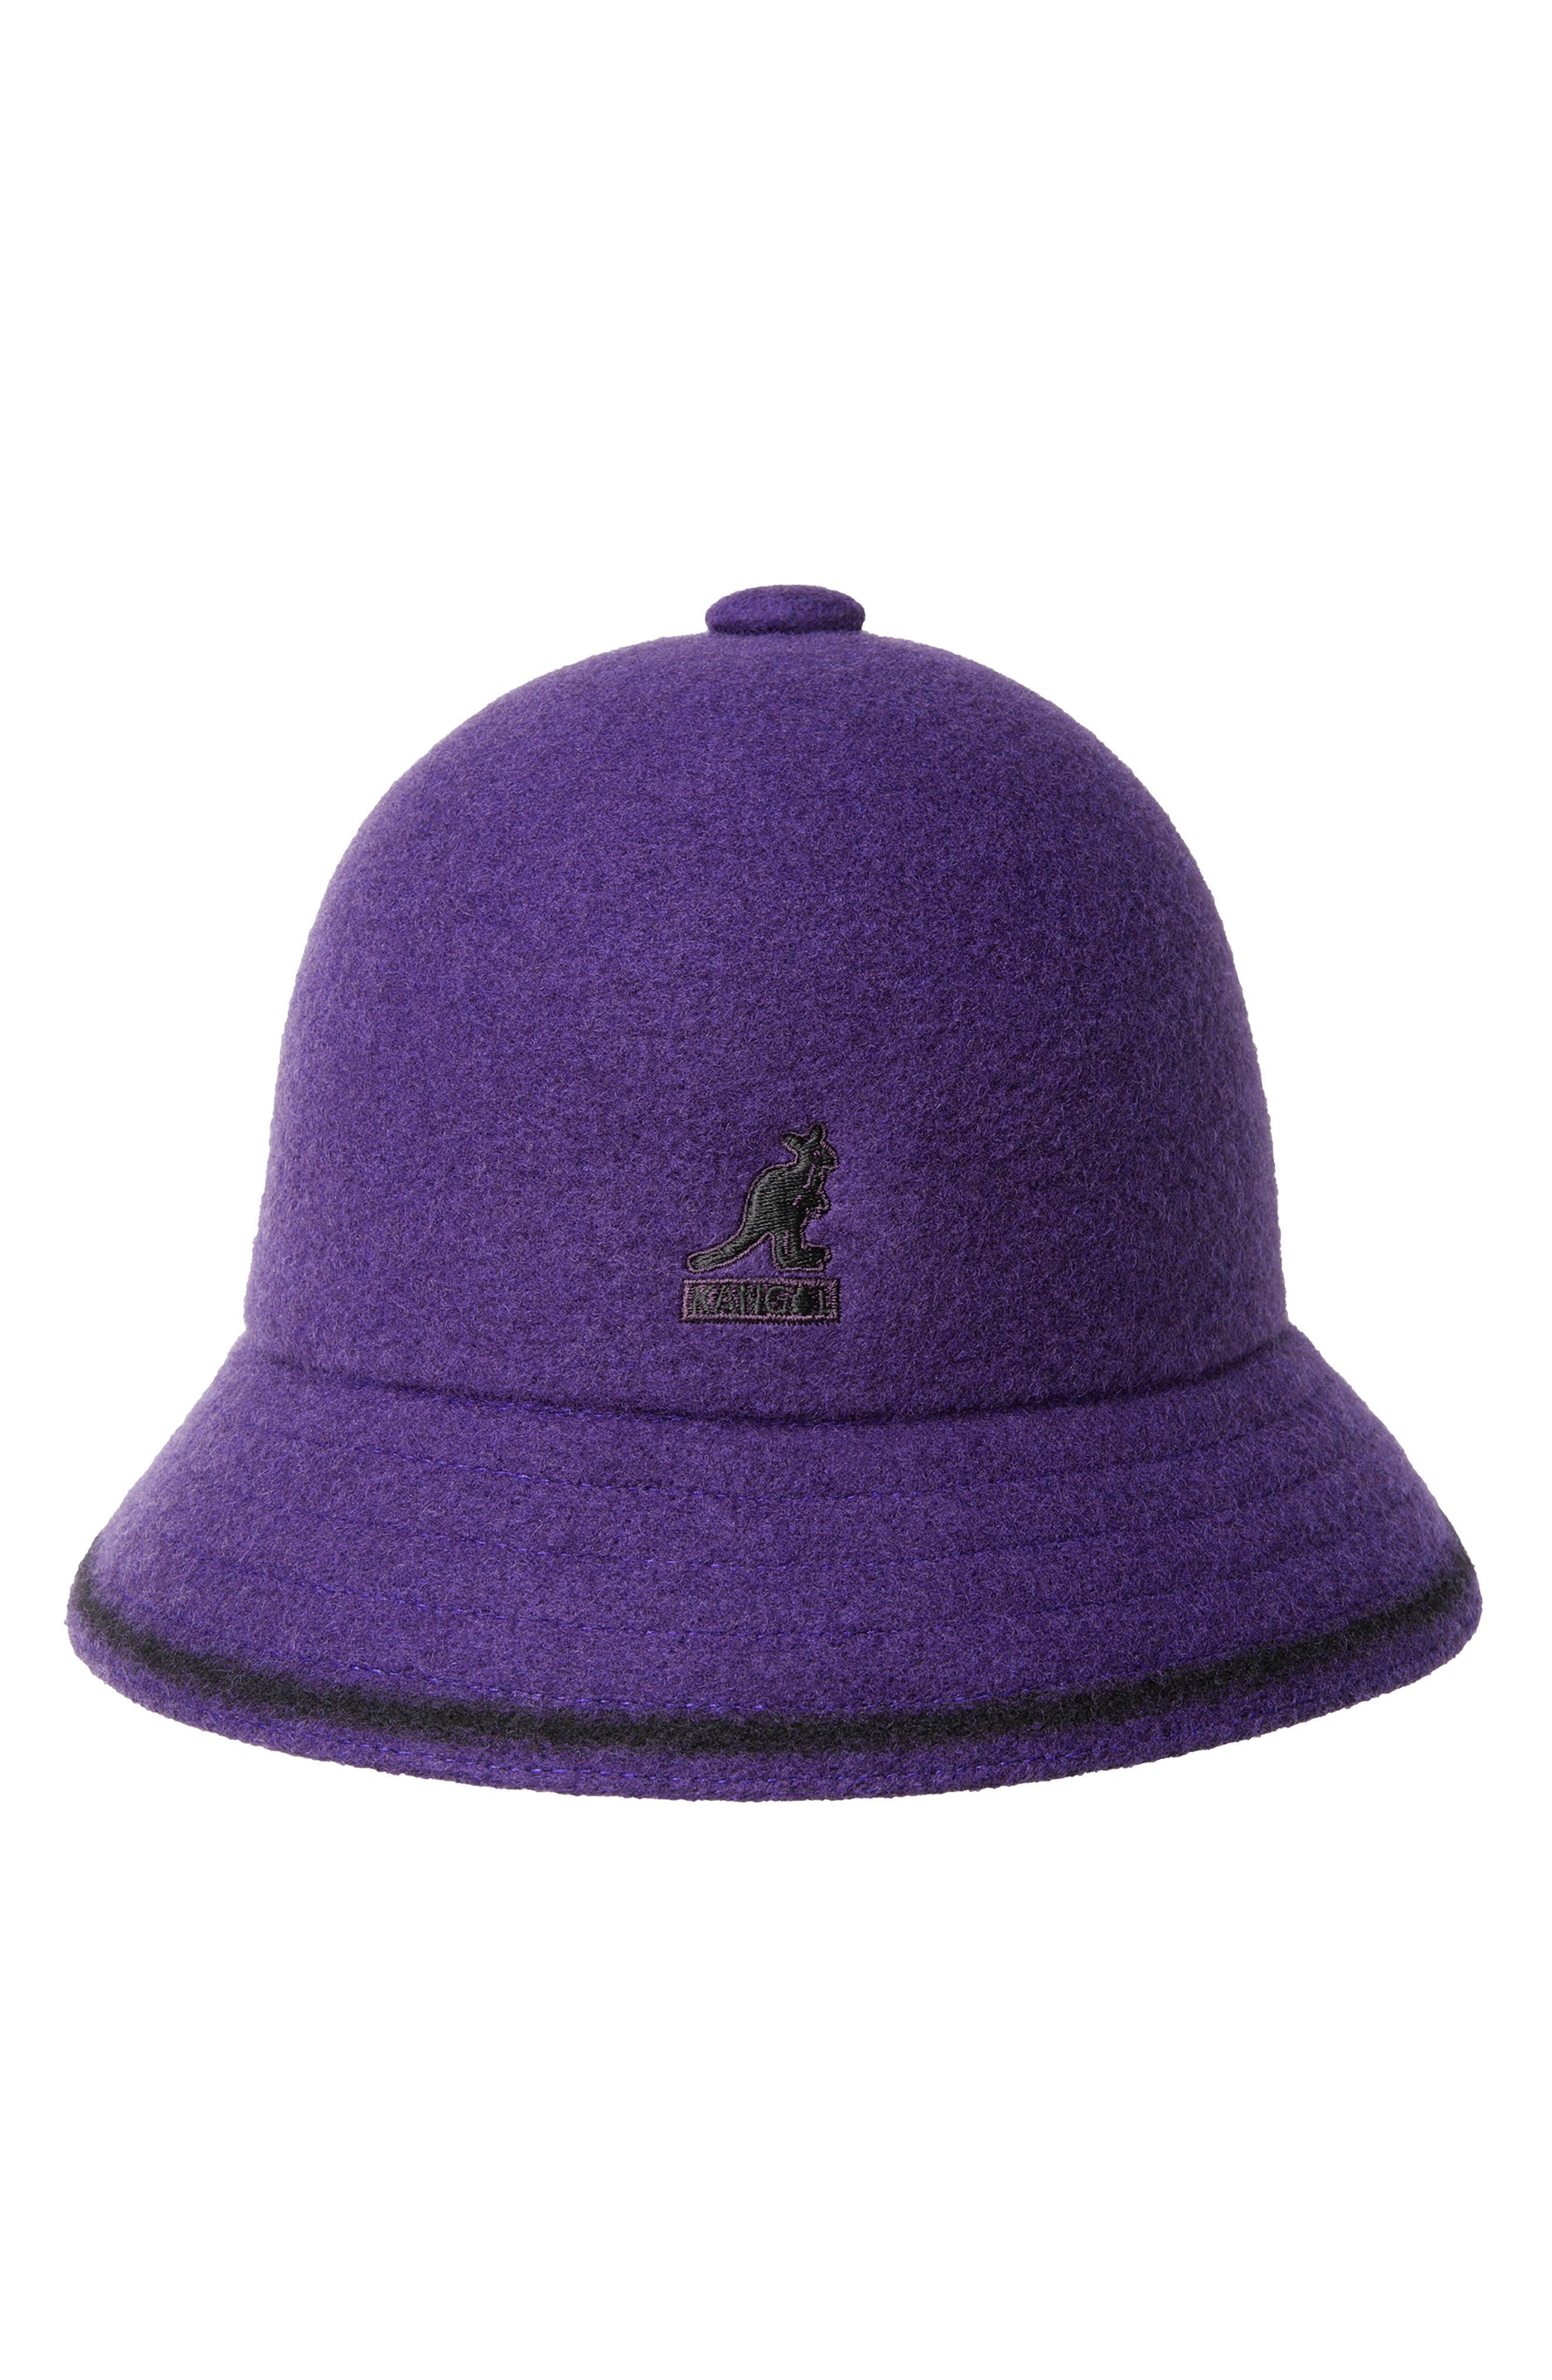 KANGOL Cloche Hat - Purple in Velvet/ Black